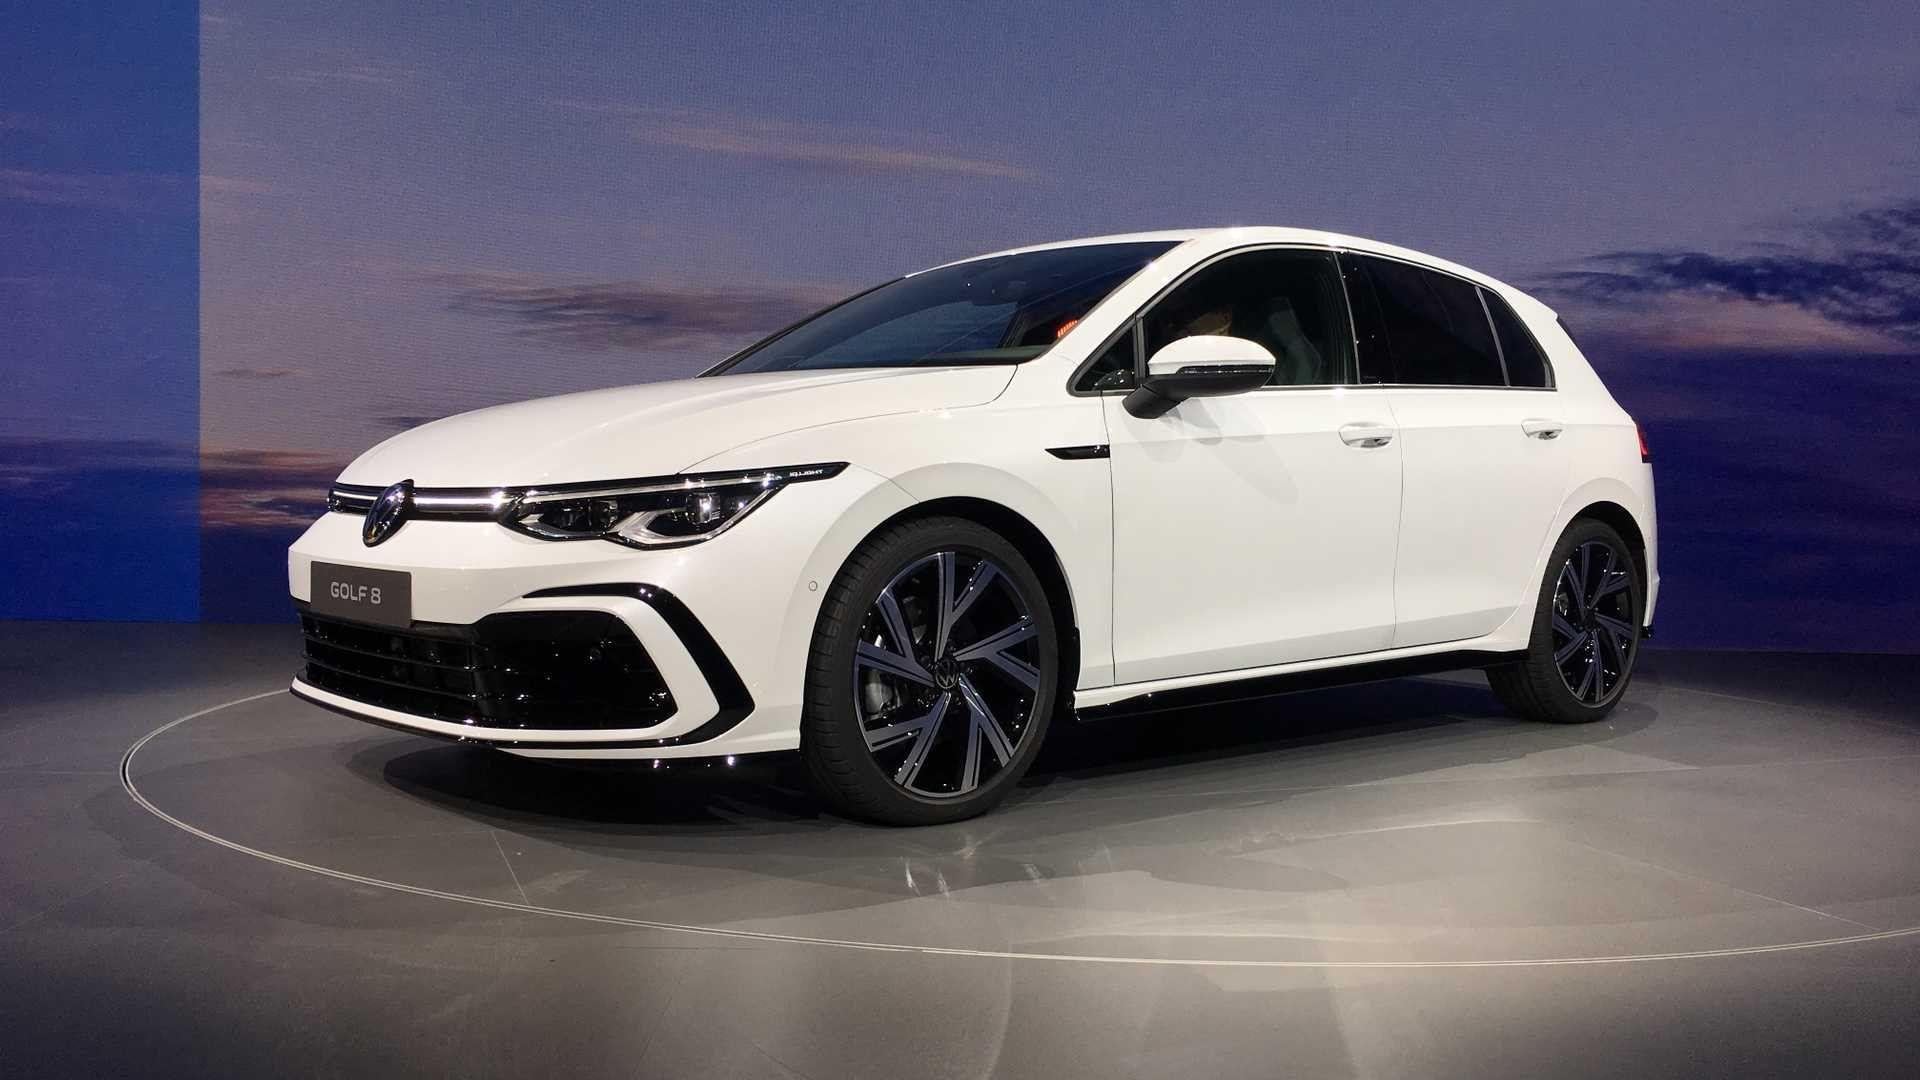 2020 Volkswagen Passat Price Design And Review In 2020 Volkswagen Volkswagen Golf Volkswagen Passat